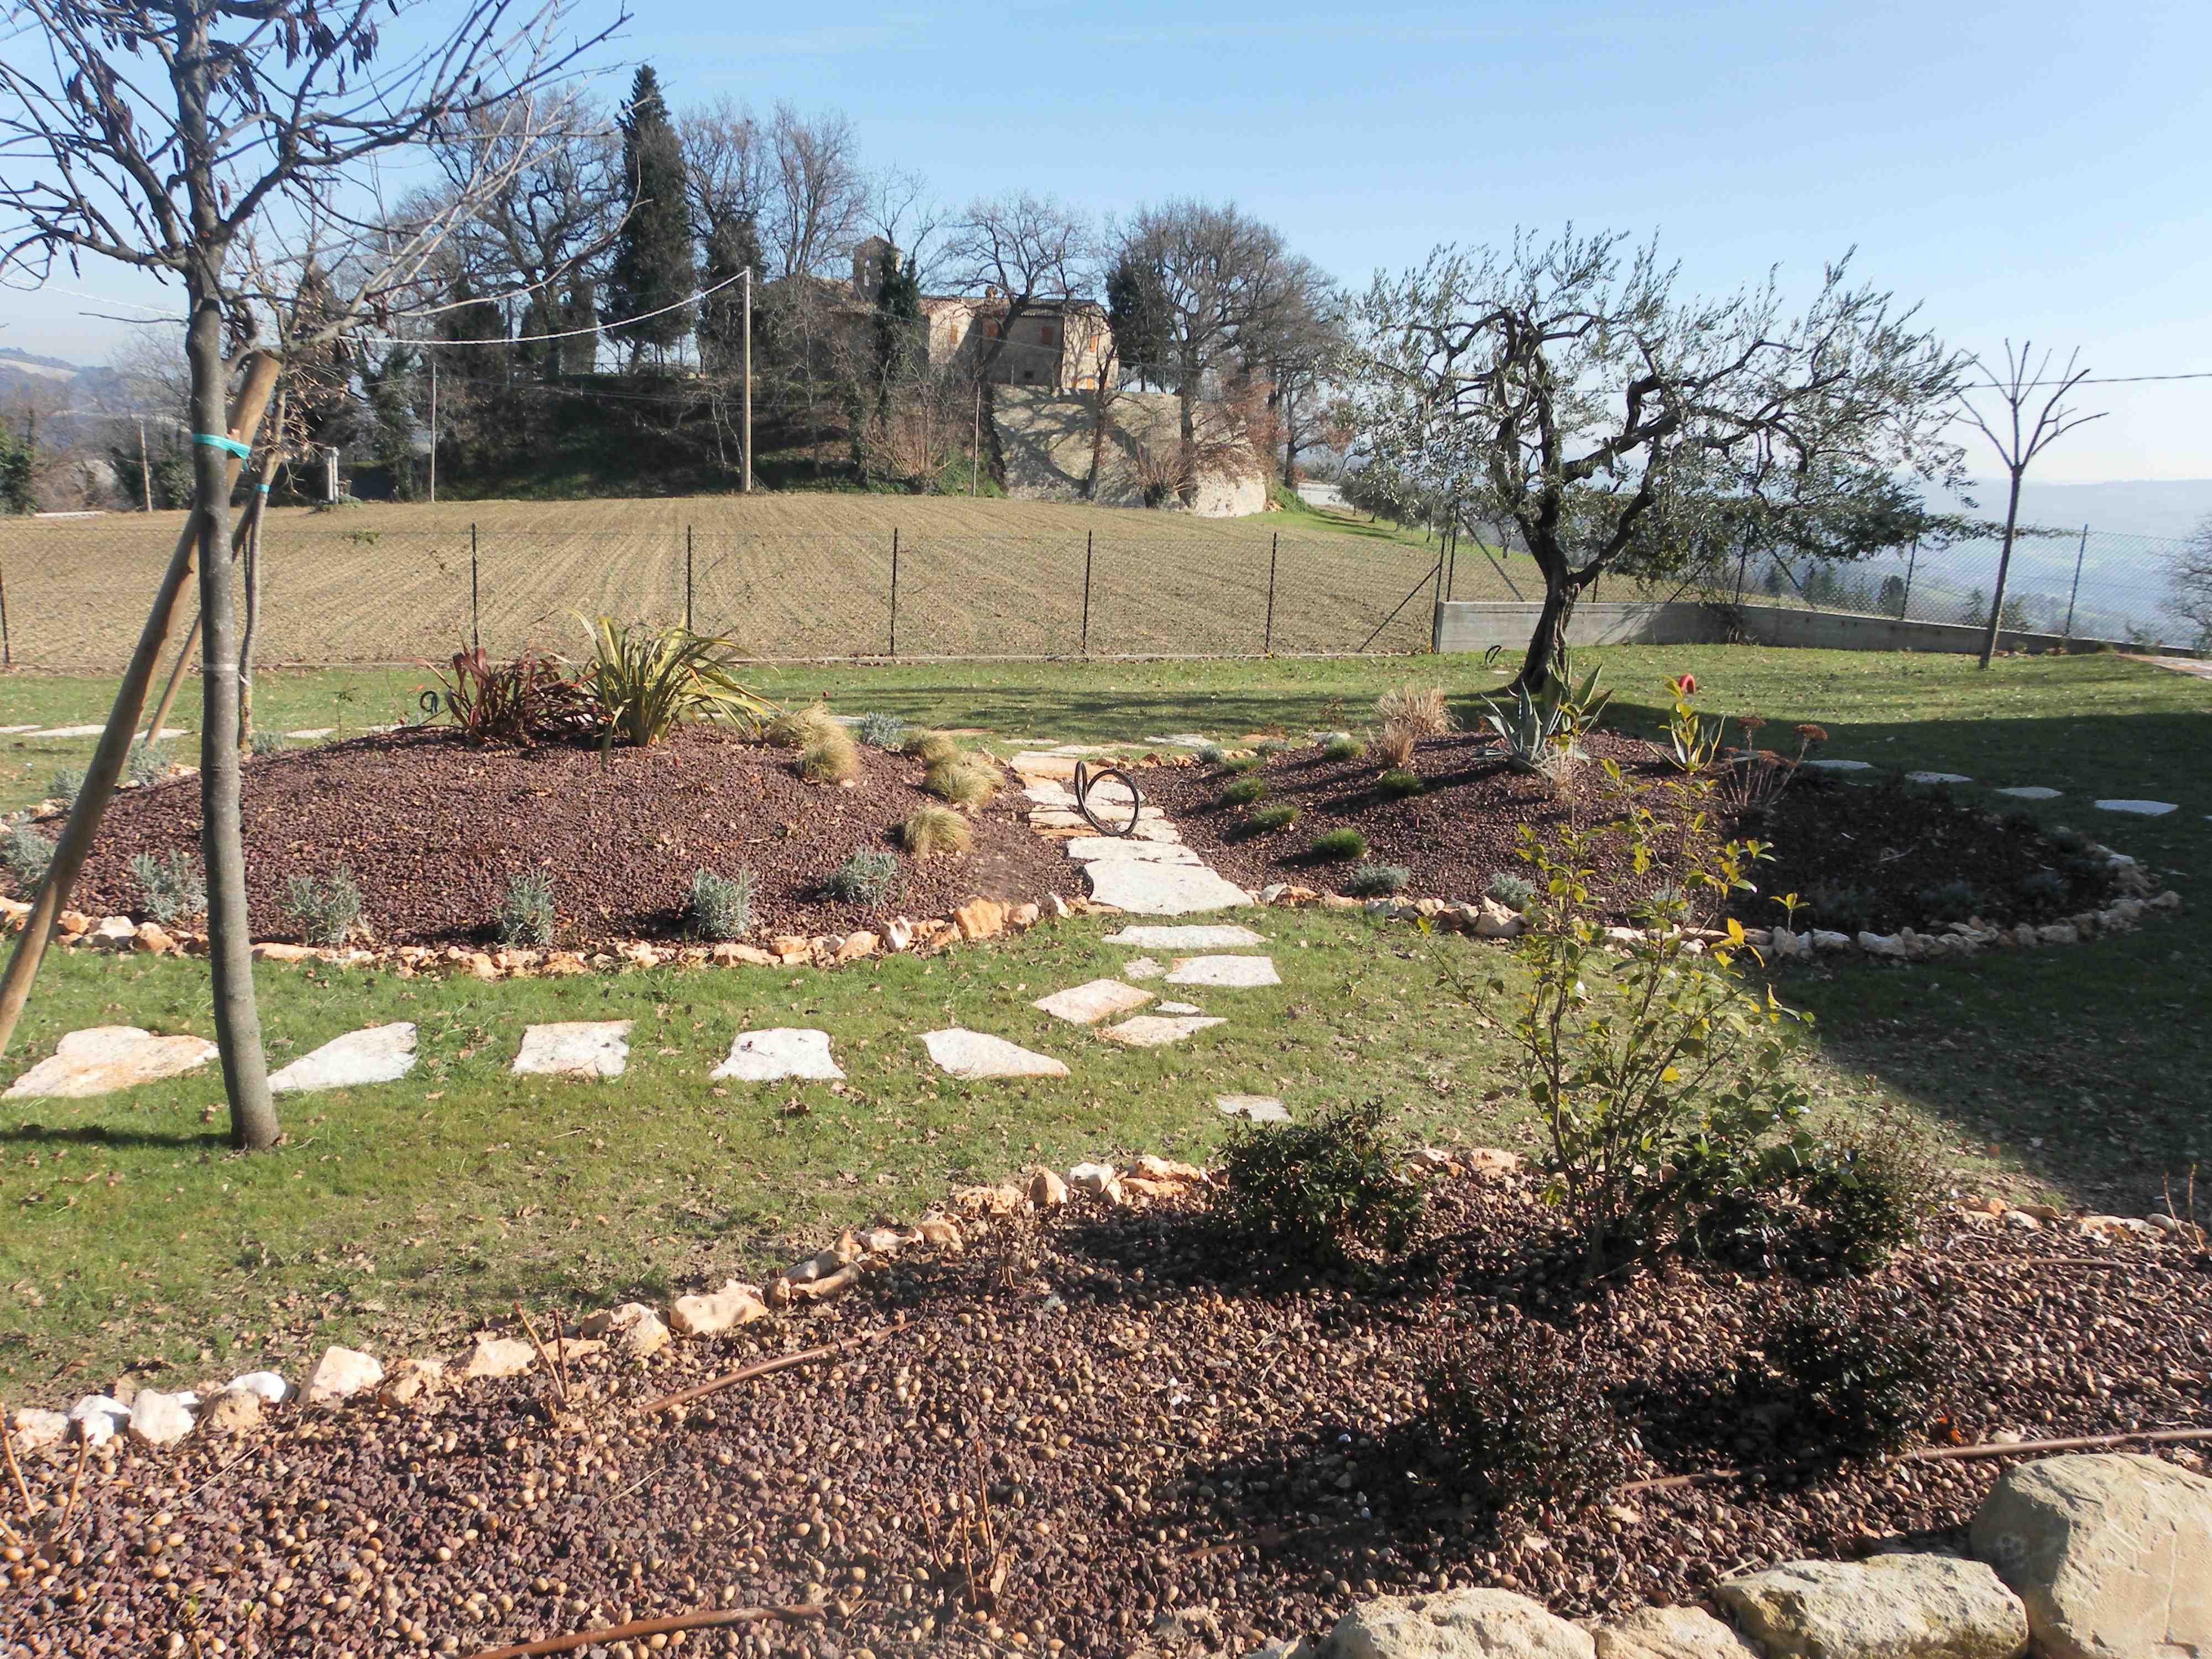 Camminamento Giardino Fai Da Te.Giardino Fai Da Te Consigli Per Il Giardinaggio Greengardenpesaro It